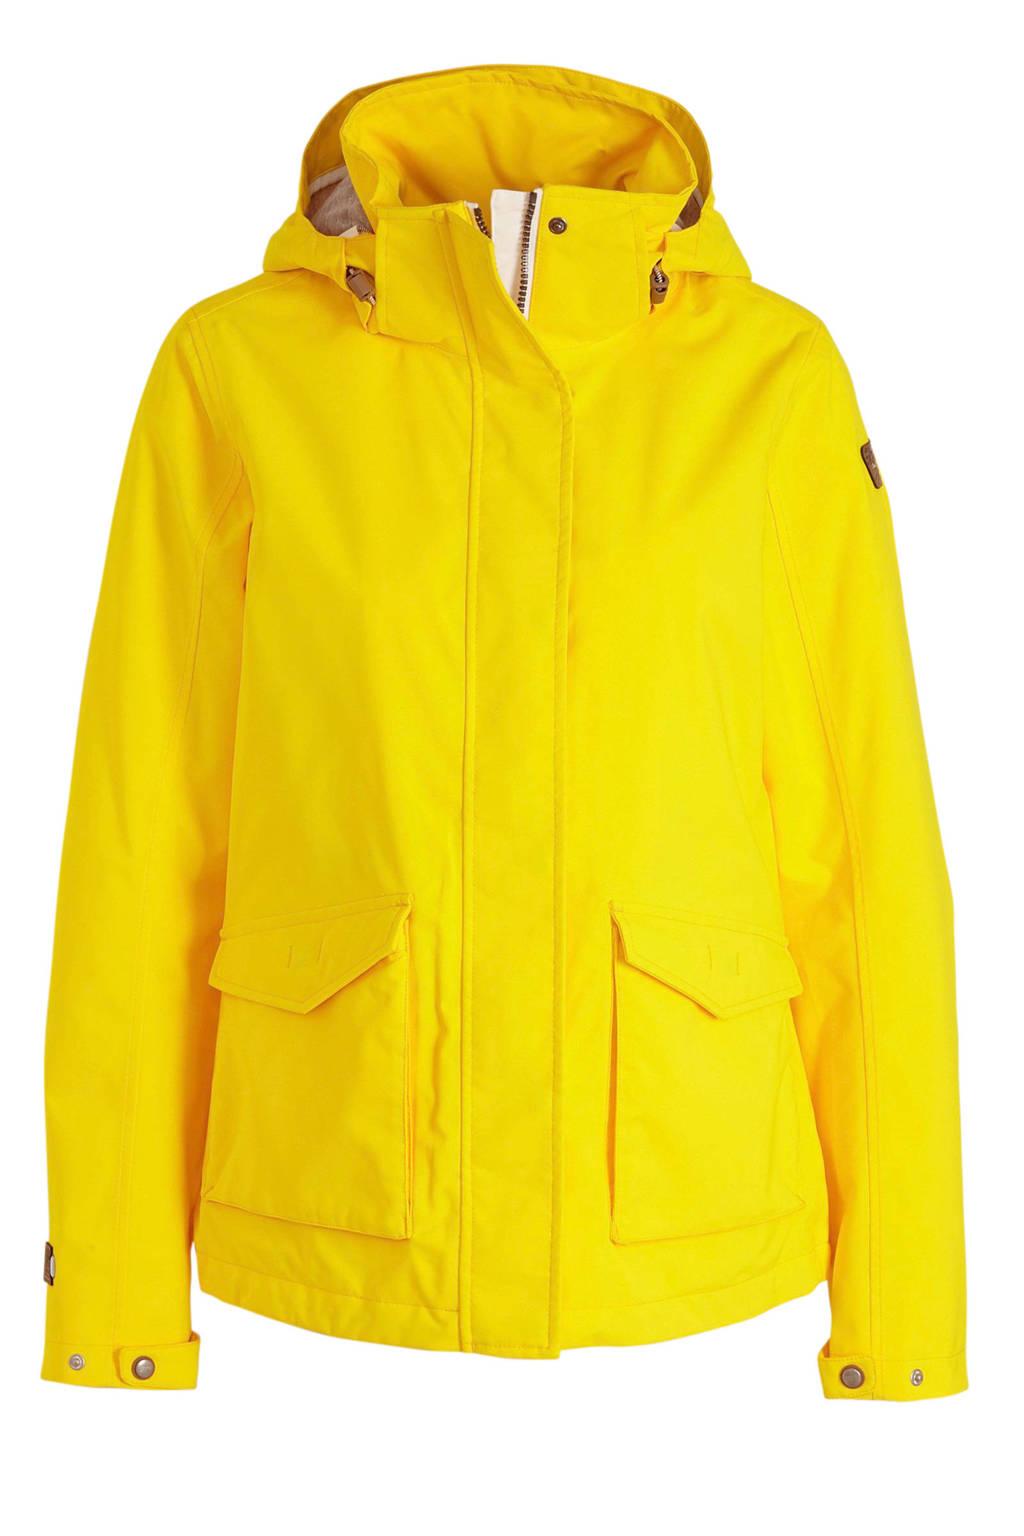 Icepeak outdoor jas Alameda geel, Geel